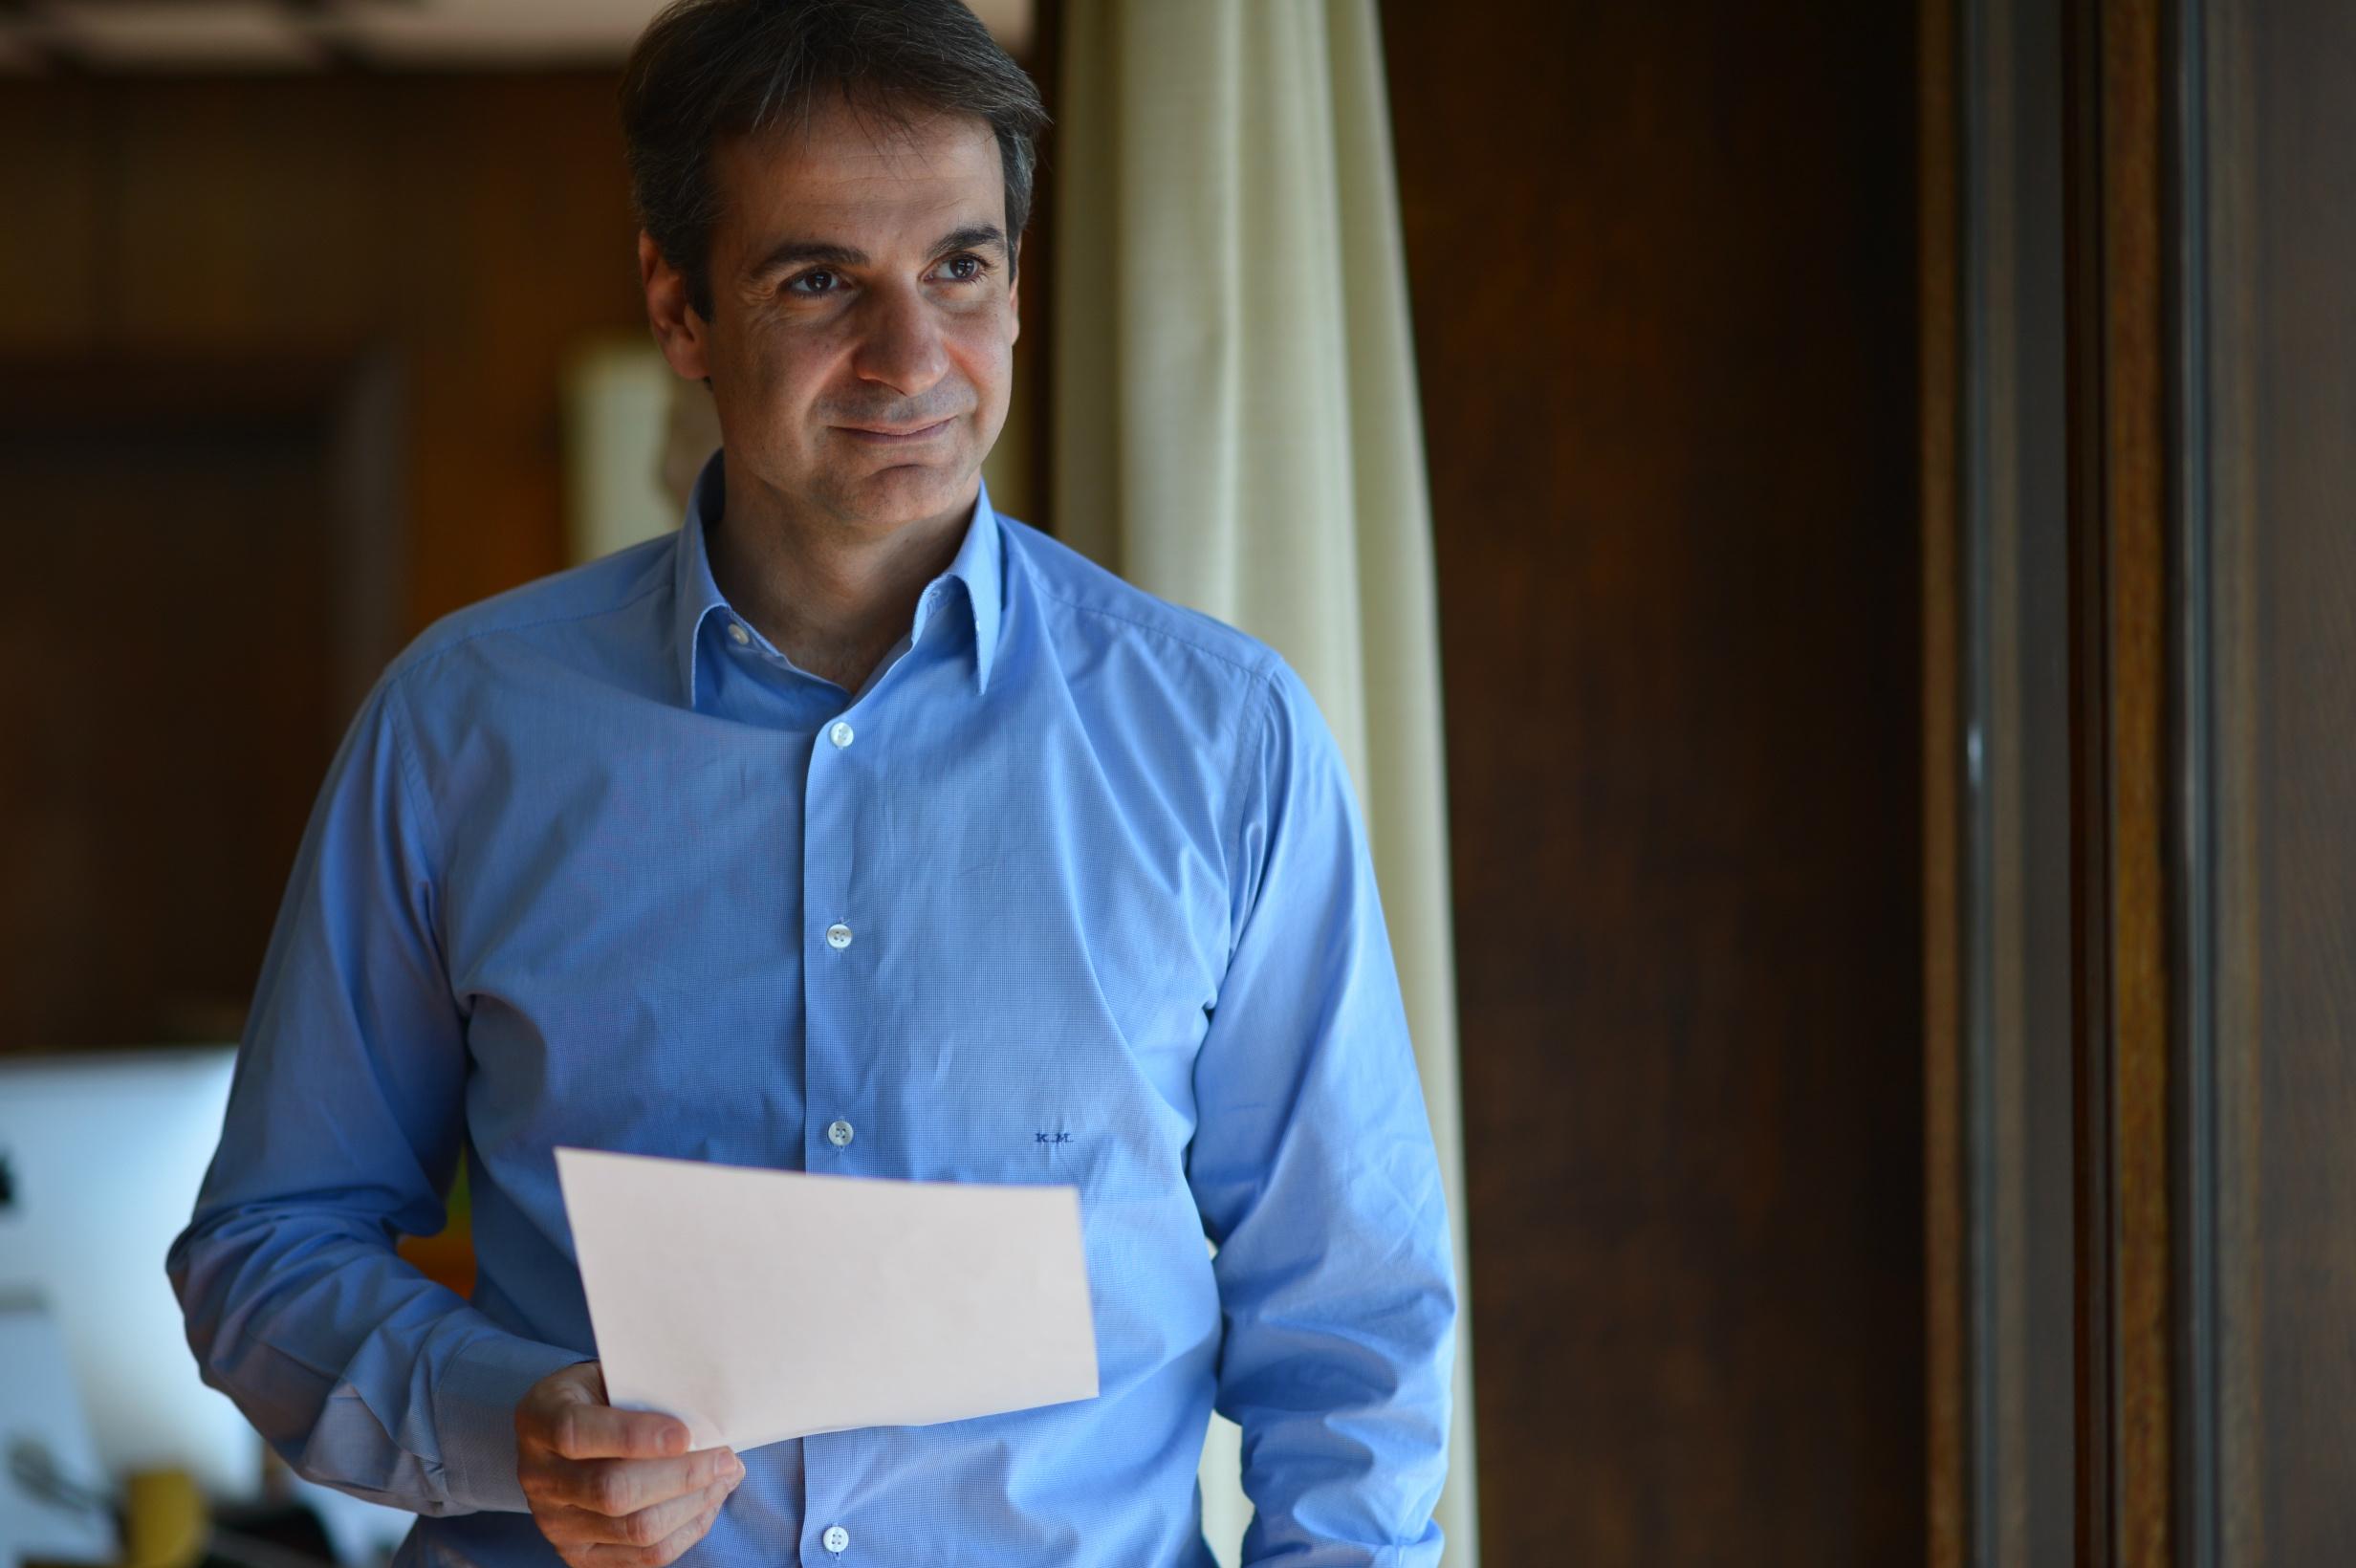 Interview IBNA: Kyriakos Mitsotakis